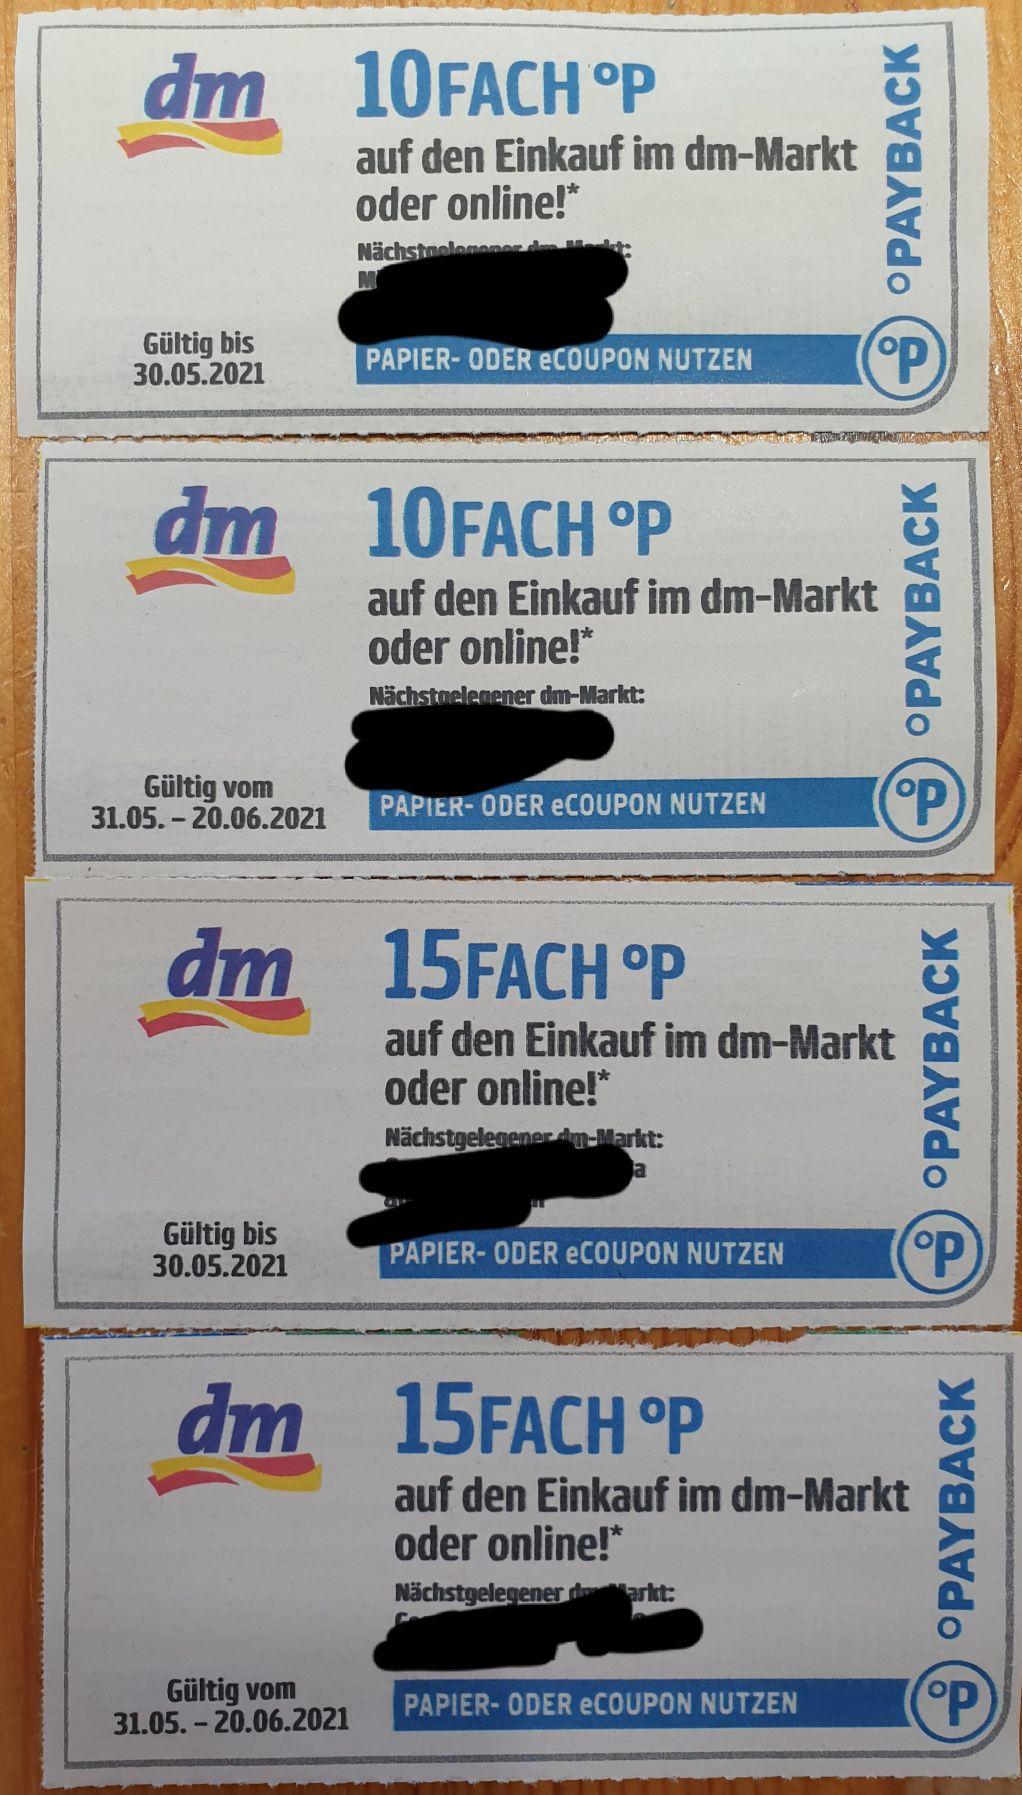 DM Payback 10 und 15 Fach Punkt auf den Einkauf bei DM